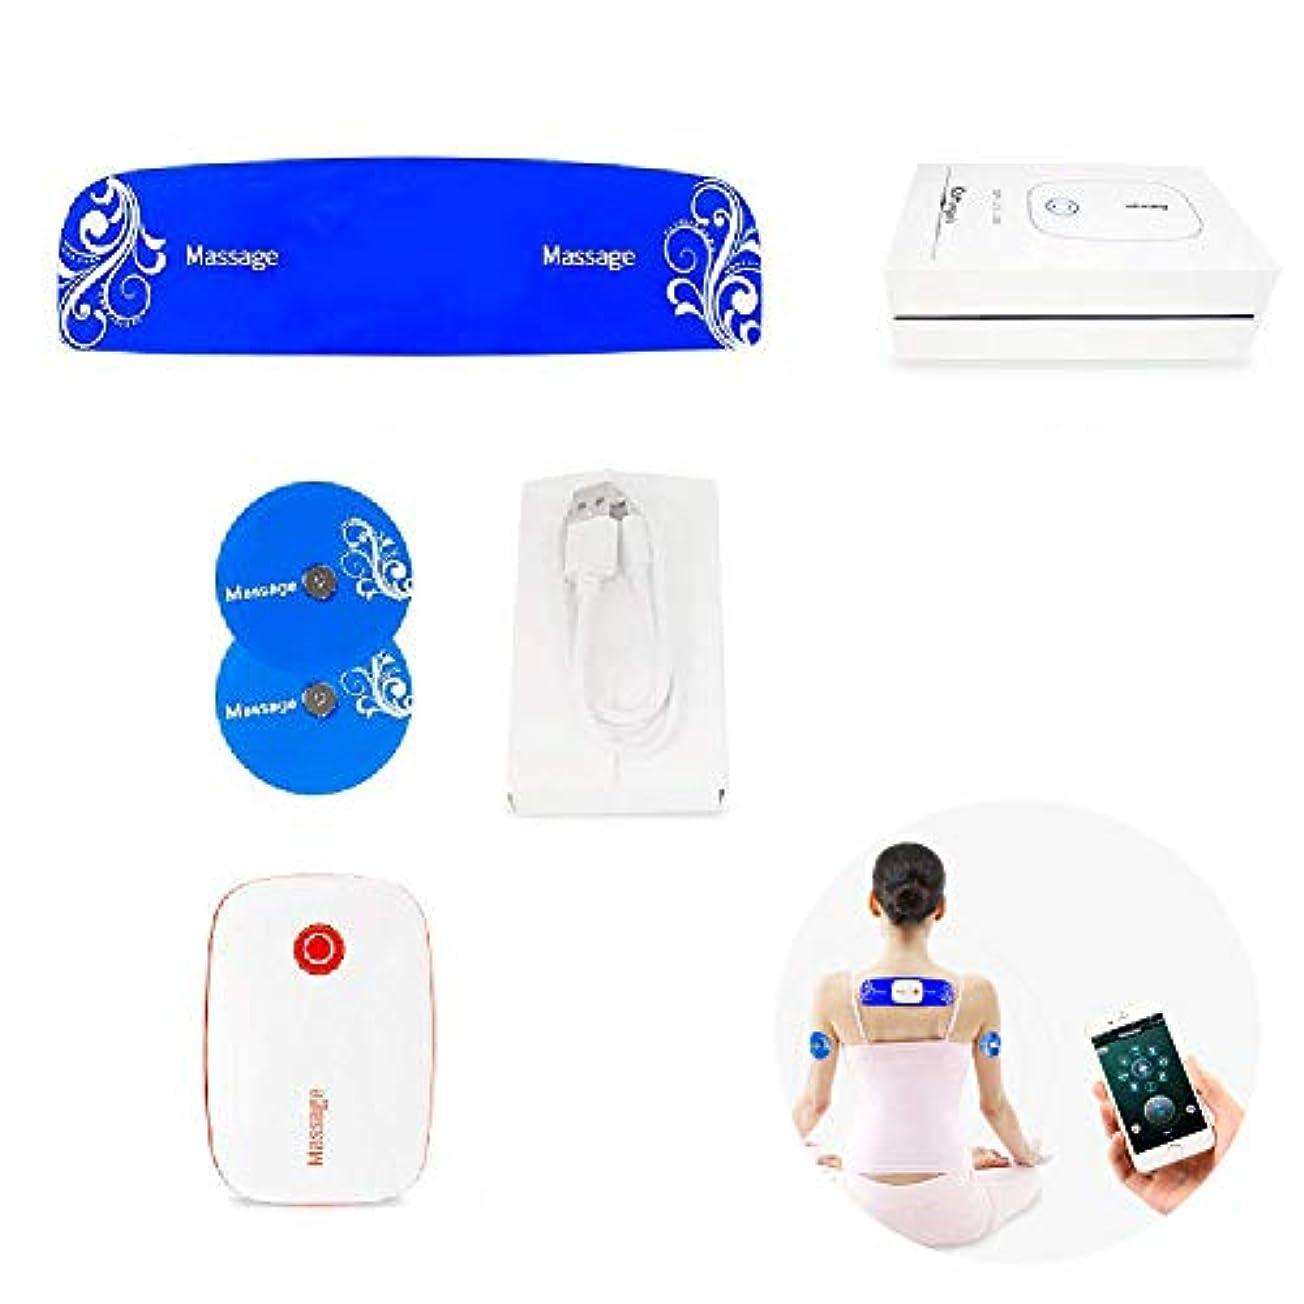 致命的な戸口逃す首の肩のマッサージャー深い組織のための電動ポータブルAPP Bluetoothコントロール車のホームとオフィス、調整可能なスピード